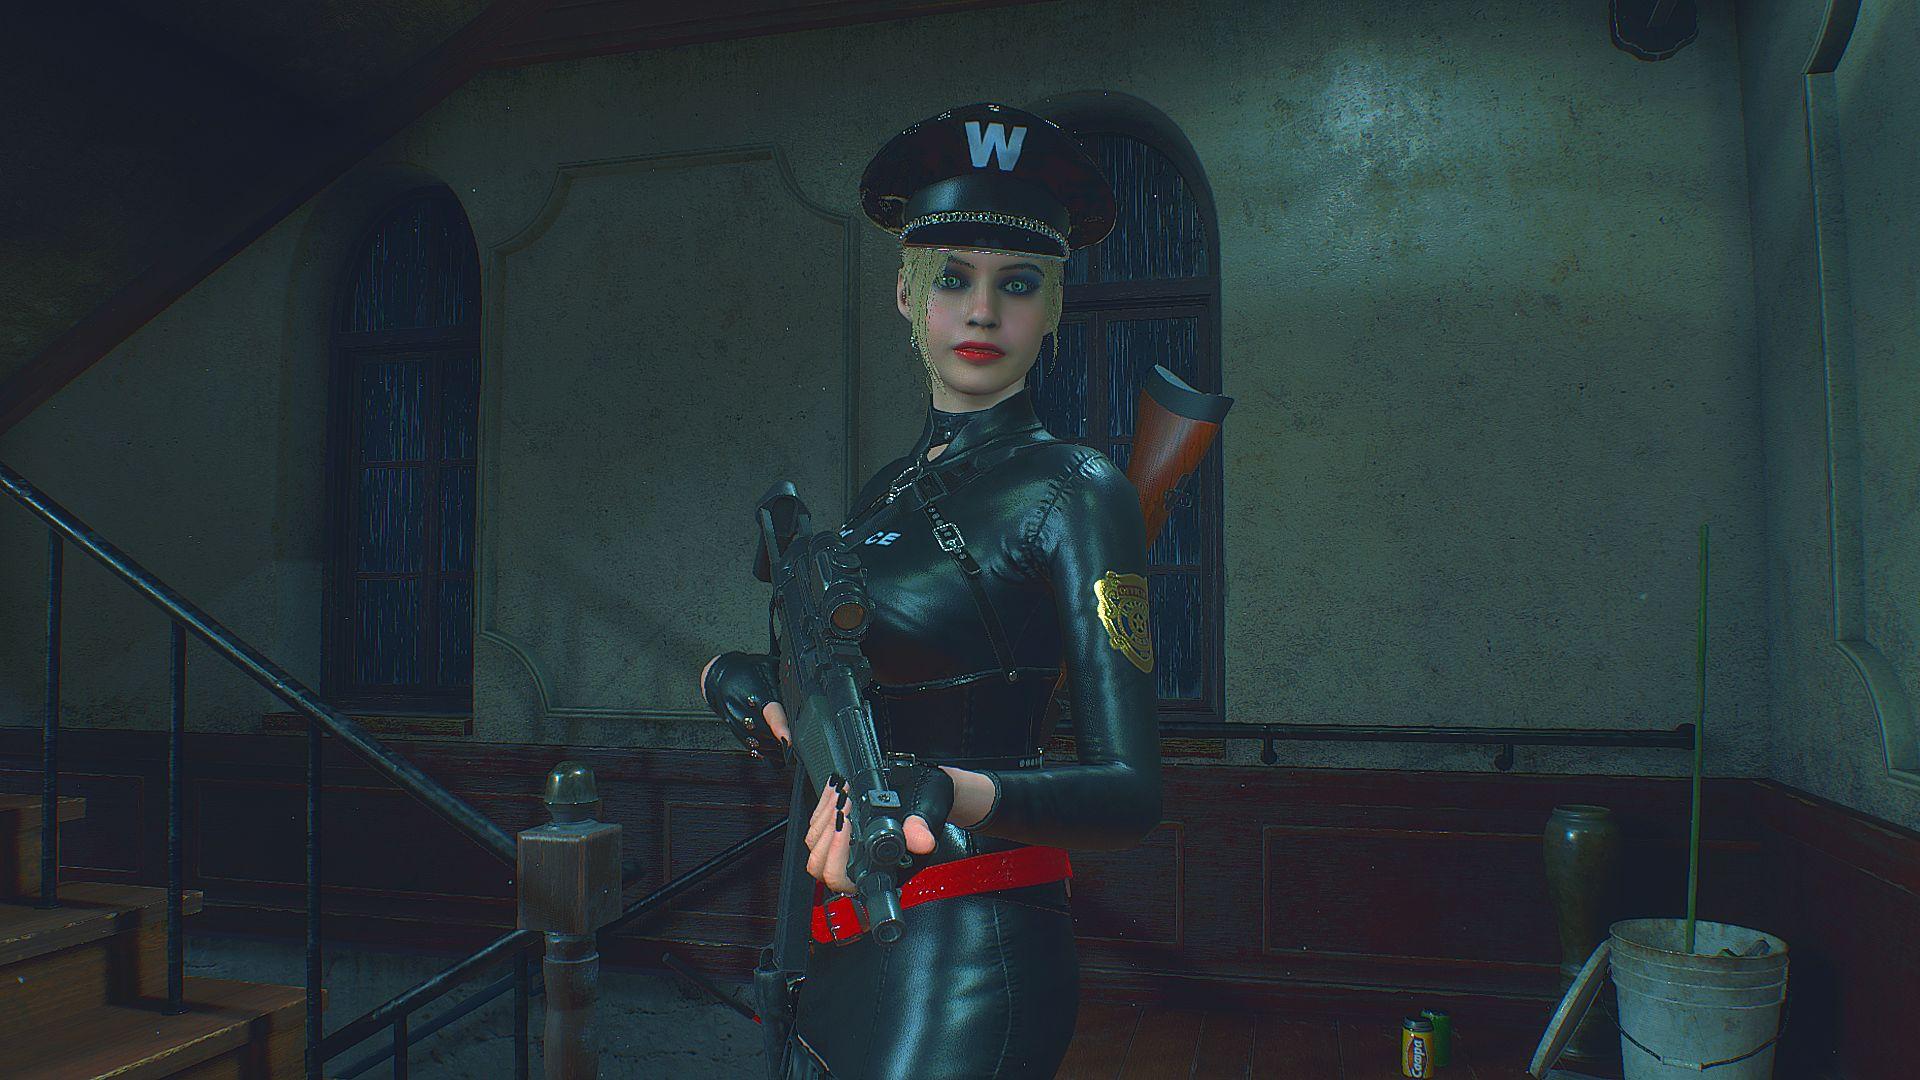 000105.Jpg - Resident Evil 2